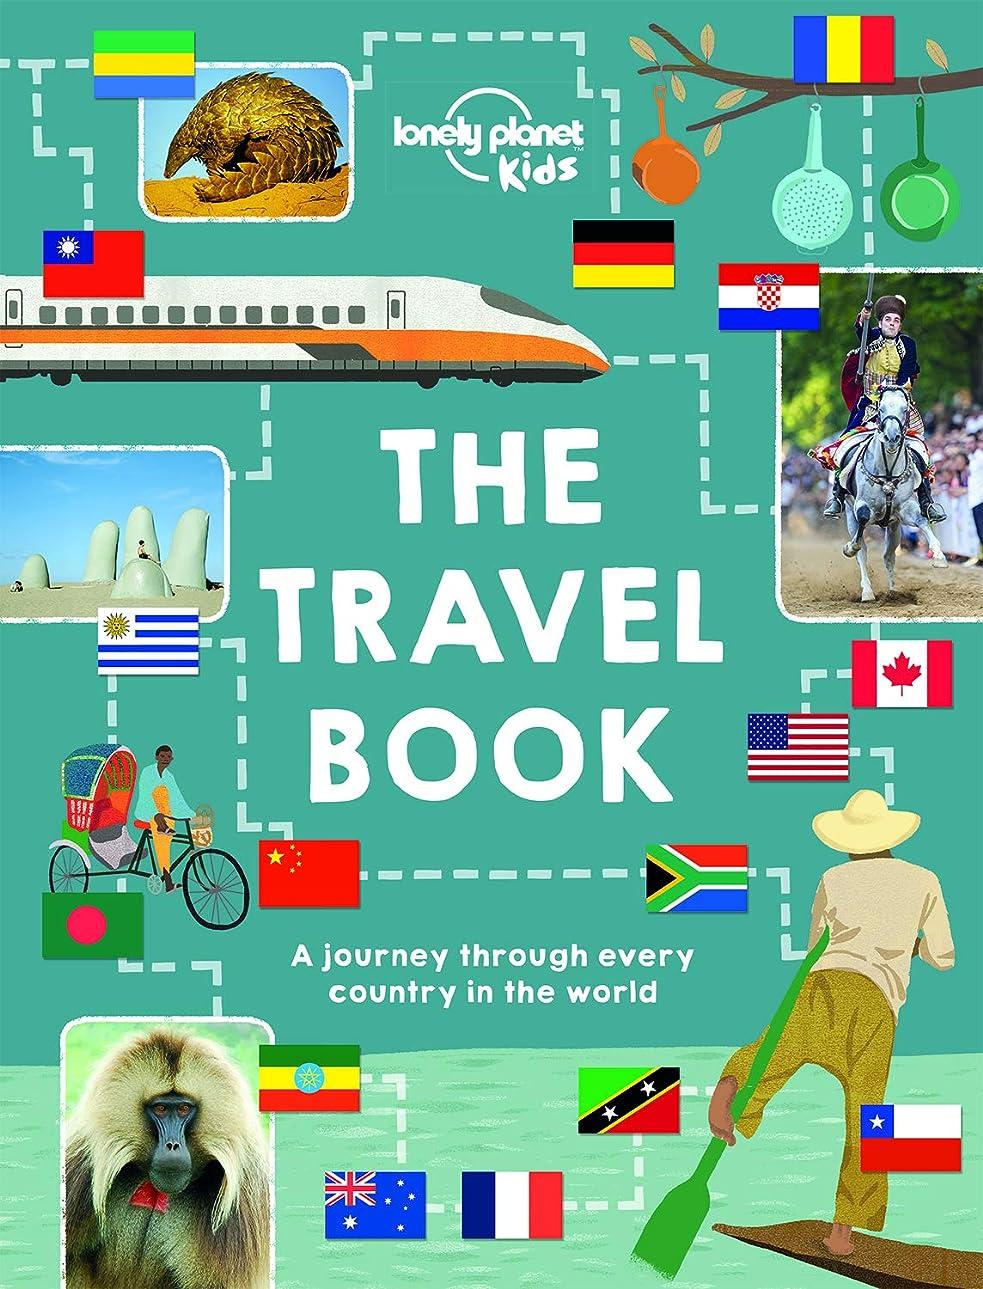 家具突き出す本当のことを言うとLonely Planet Kids Travel Book 1 [AU]